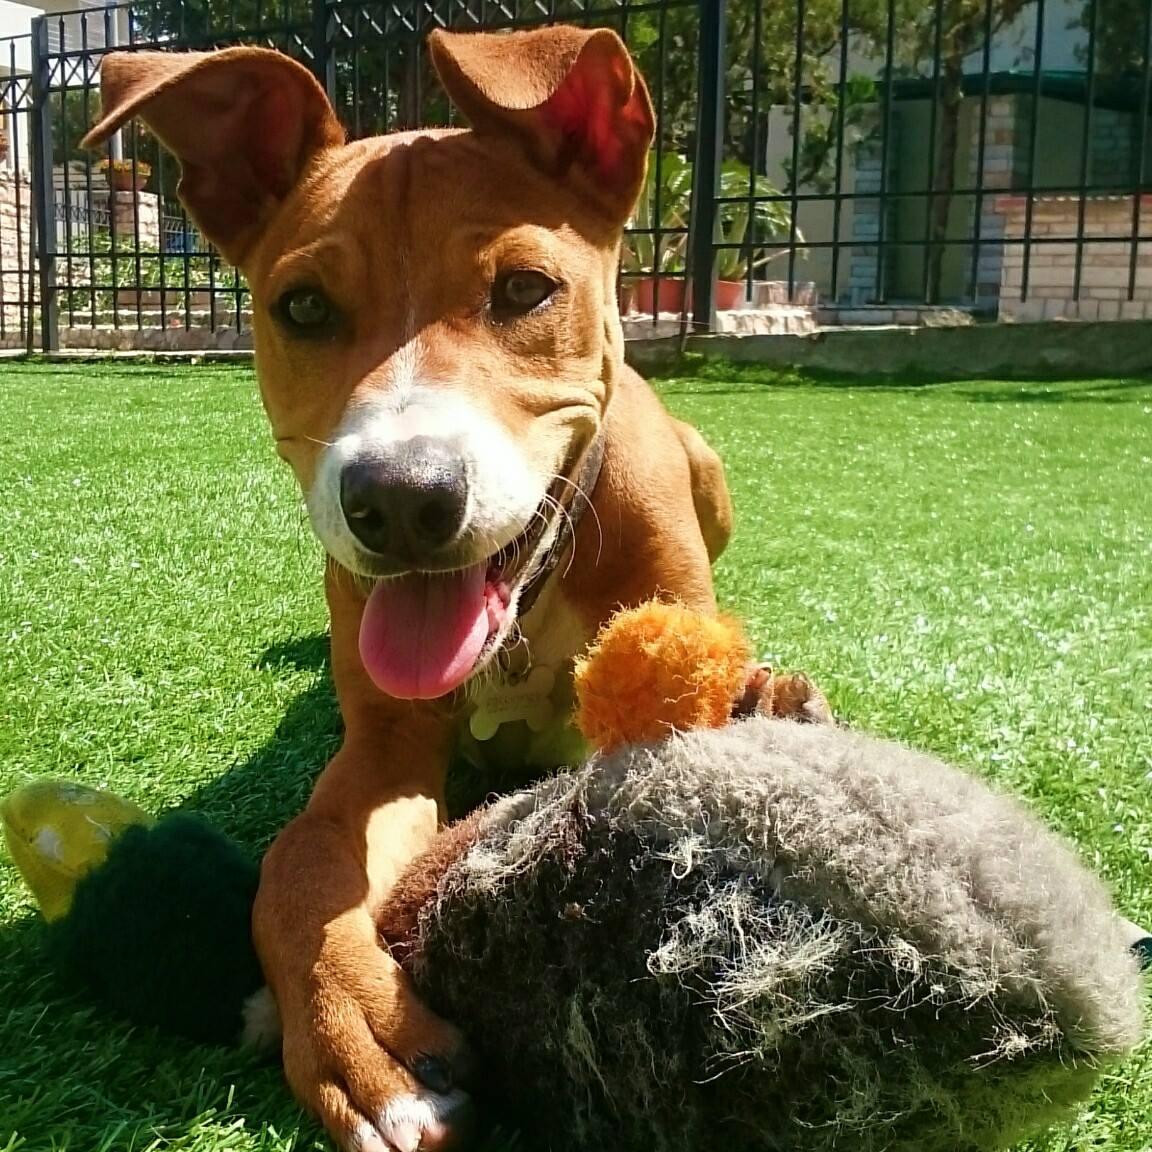 ελληνικό ινστιτούτο συμπεριφοράς σκύλου και γάτας, συμπεριφορά σκύλου, εκπαίδευση σκύλου, εκπαιδευτής σκύλων, σκύλος δαγκώνει